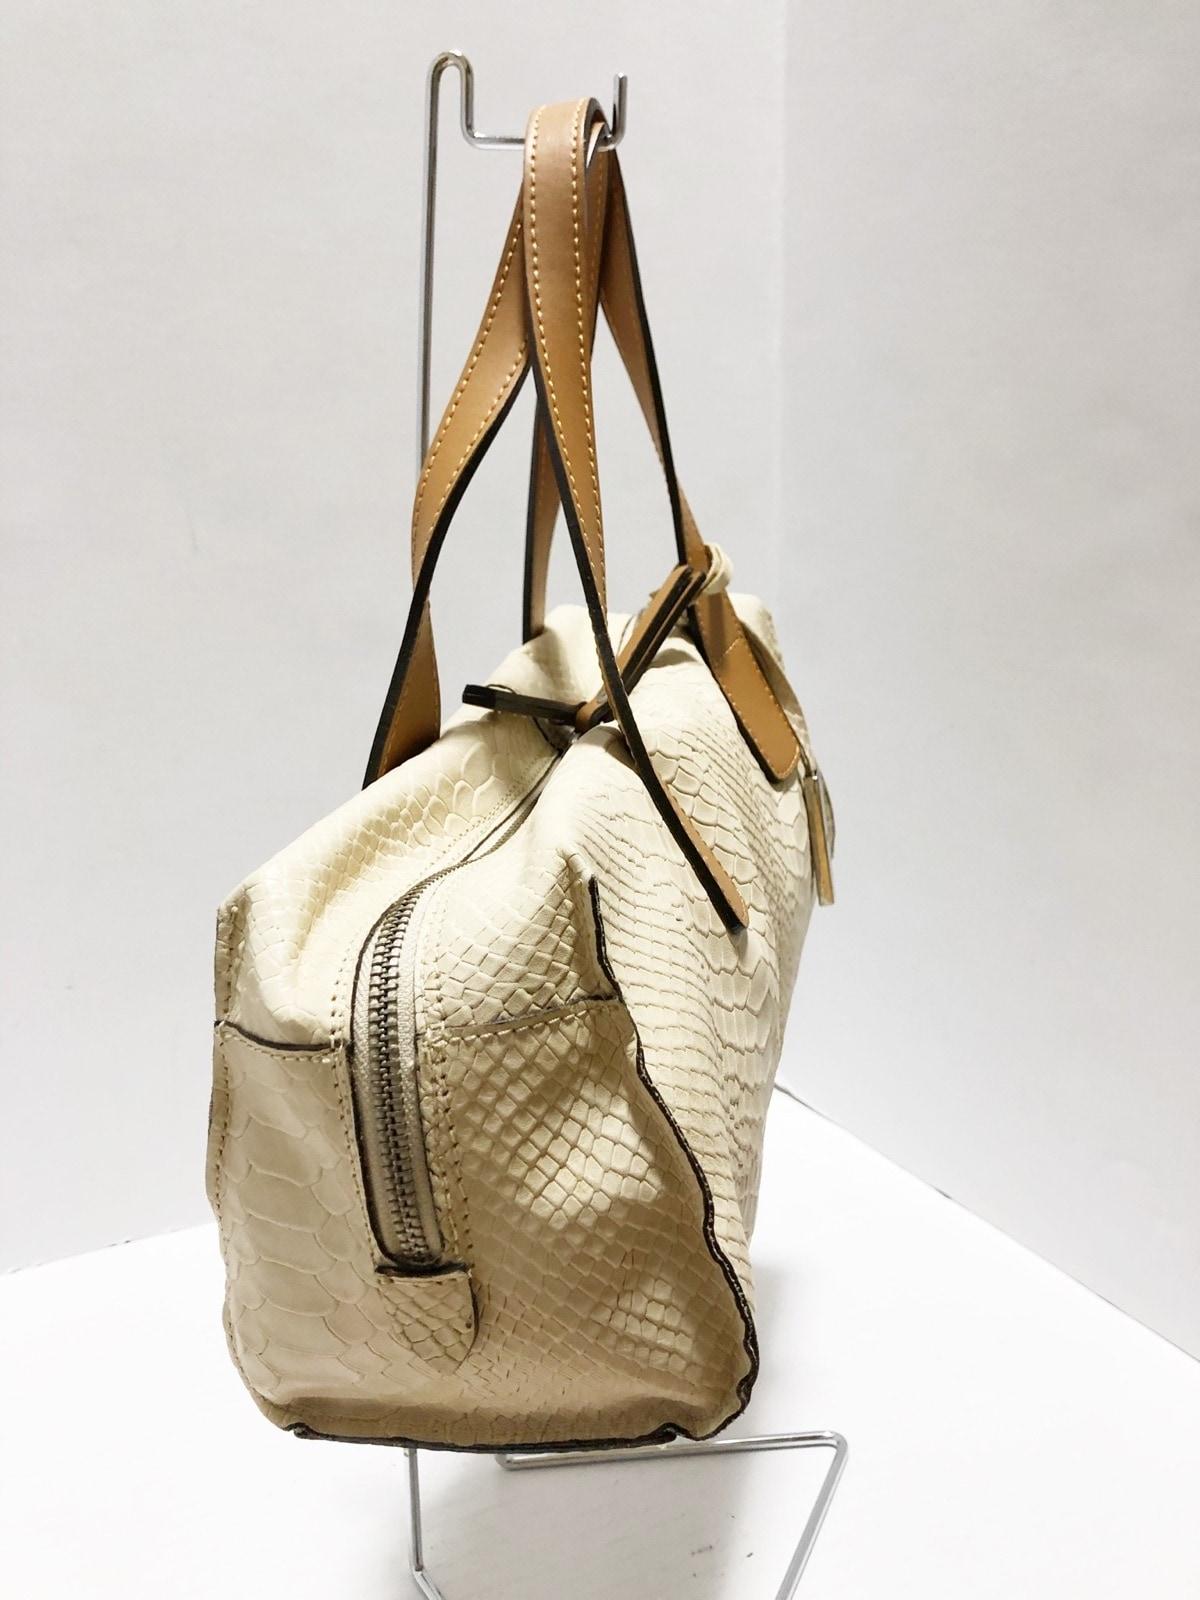 innue(イヌエ)のハンドバッグ